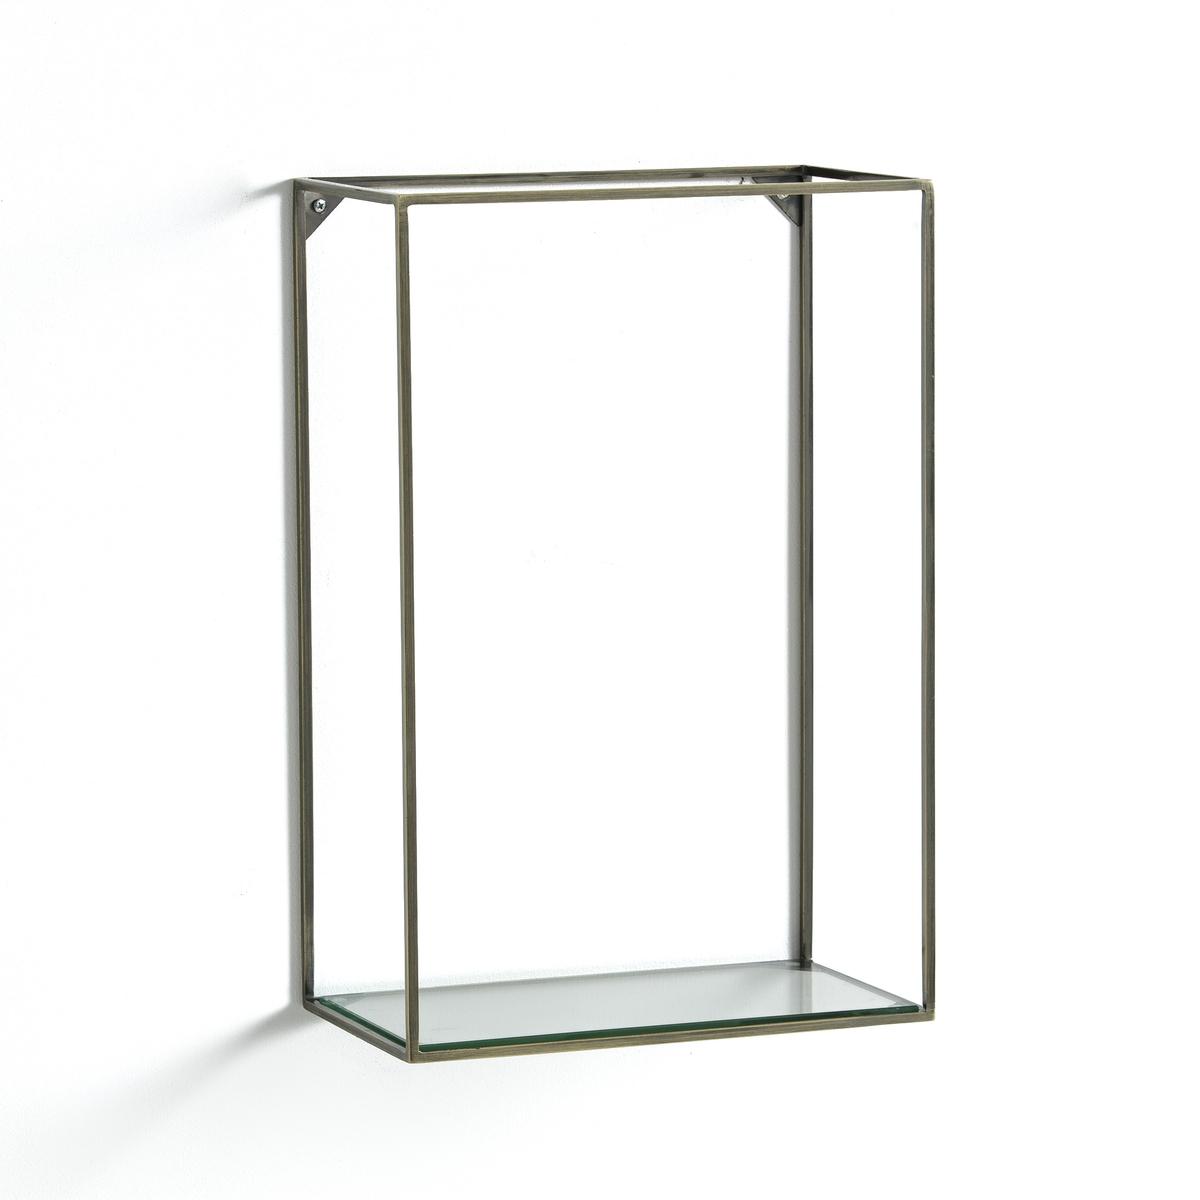 Полка вертикальная из металла и стекла, Oshota рама с креплением к стене iron king cr 21